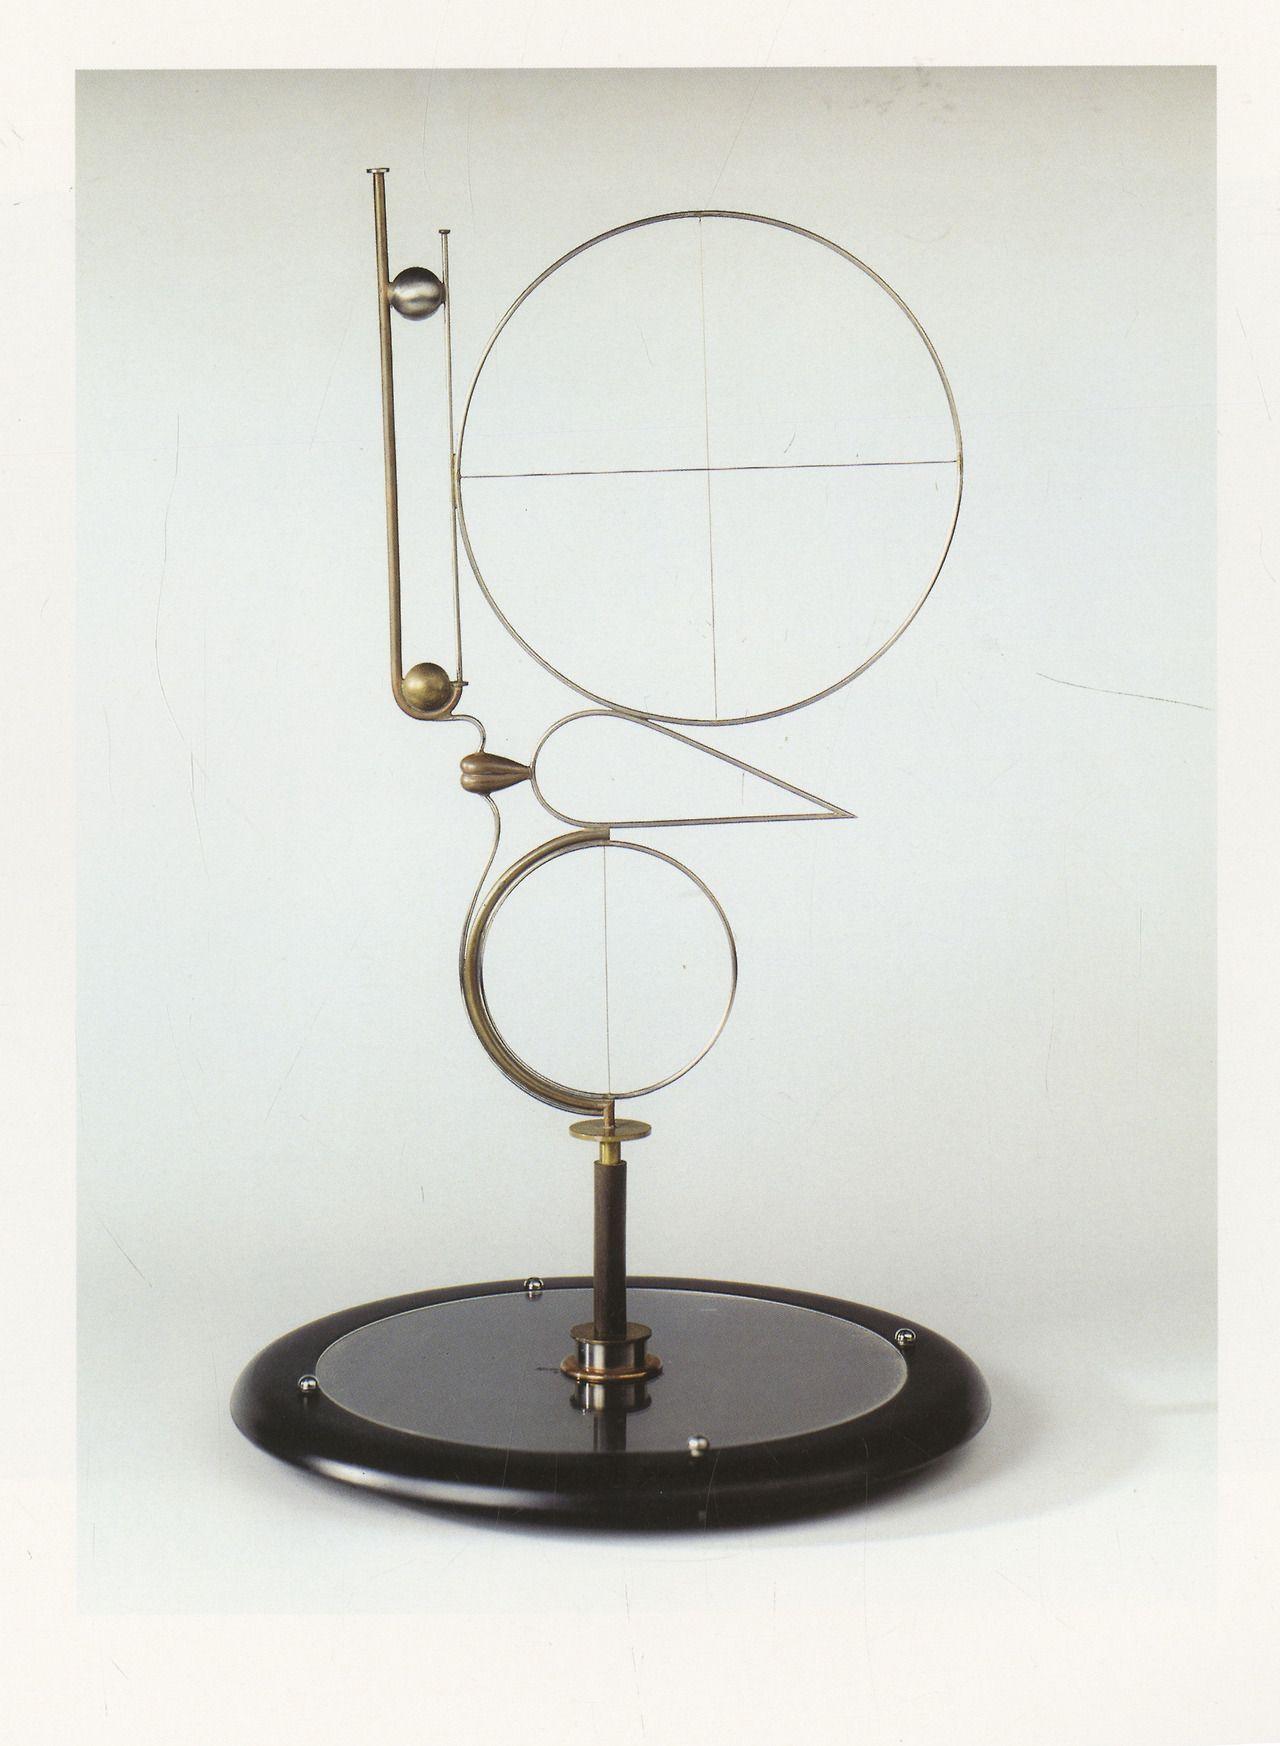 oskar schlemmer abstract head 1923 copper wi art deco. Black Bedroom Furniture Sets. Home Design Ideas